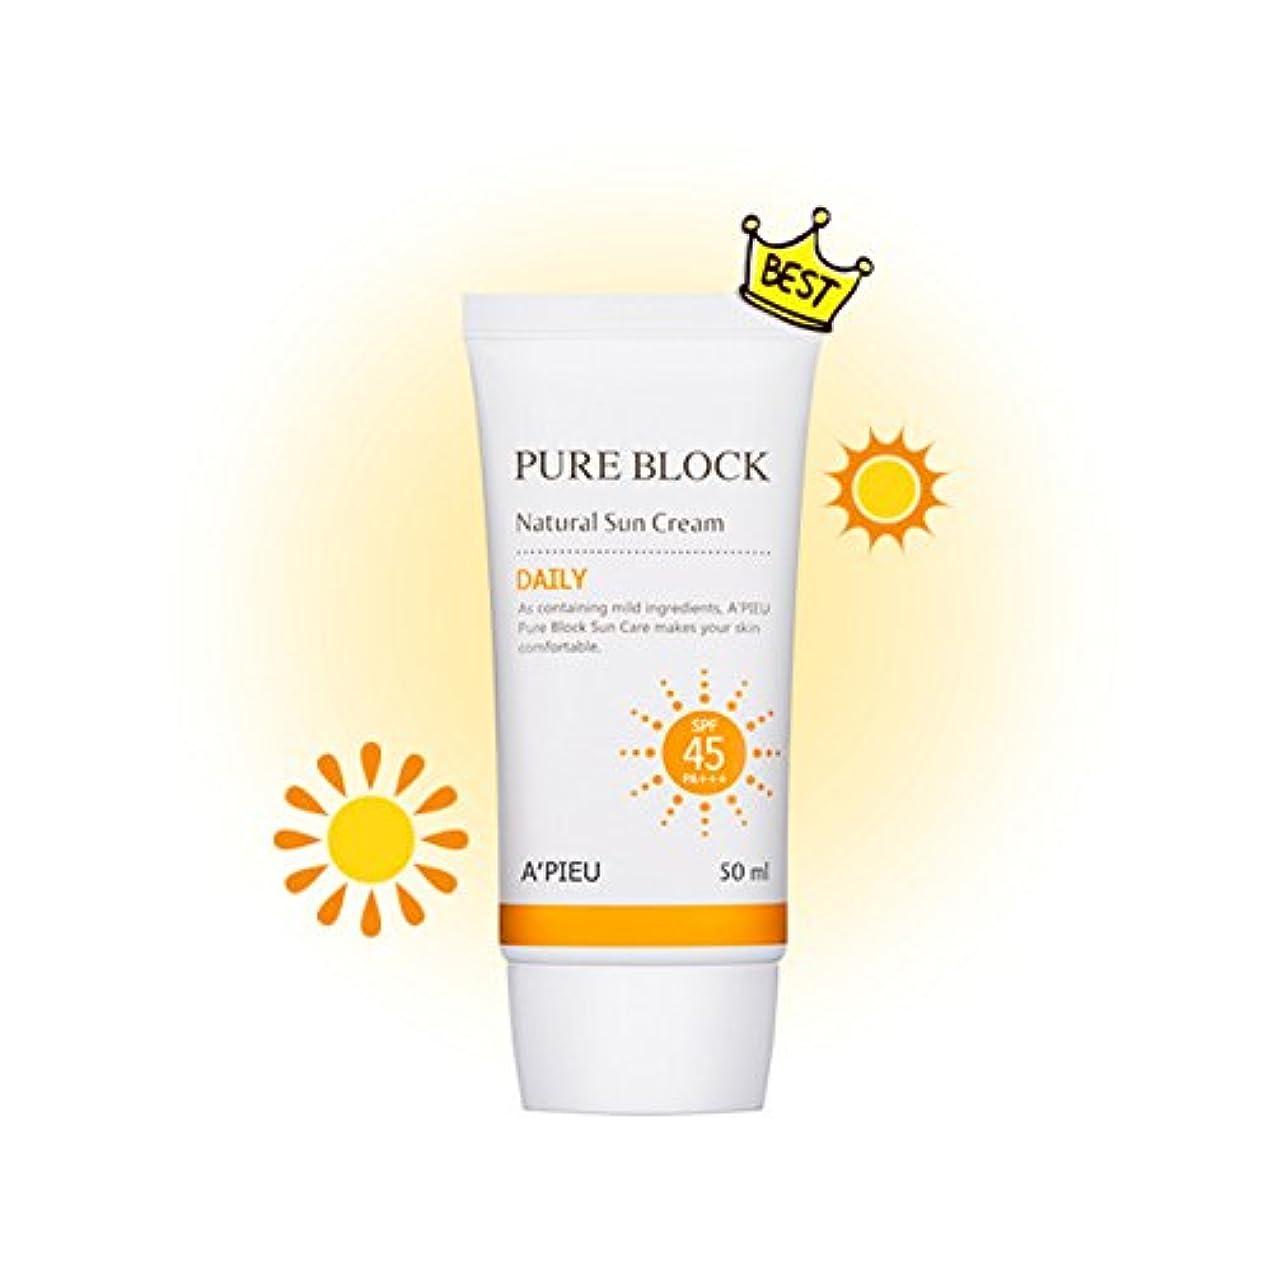 バランス貢献する段階[オピュ] A'PIEU ピュアブロックナチュラルデイリー日焼け止め Pure Block Natural Daily Sun Cream SPF 45 PA+++ [並行輸入品]